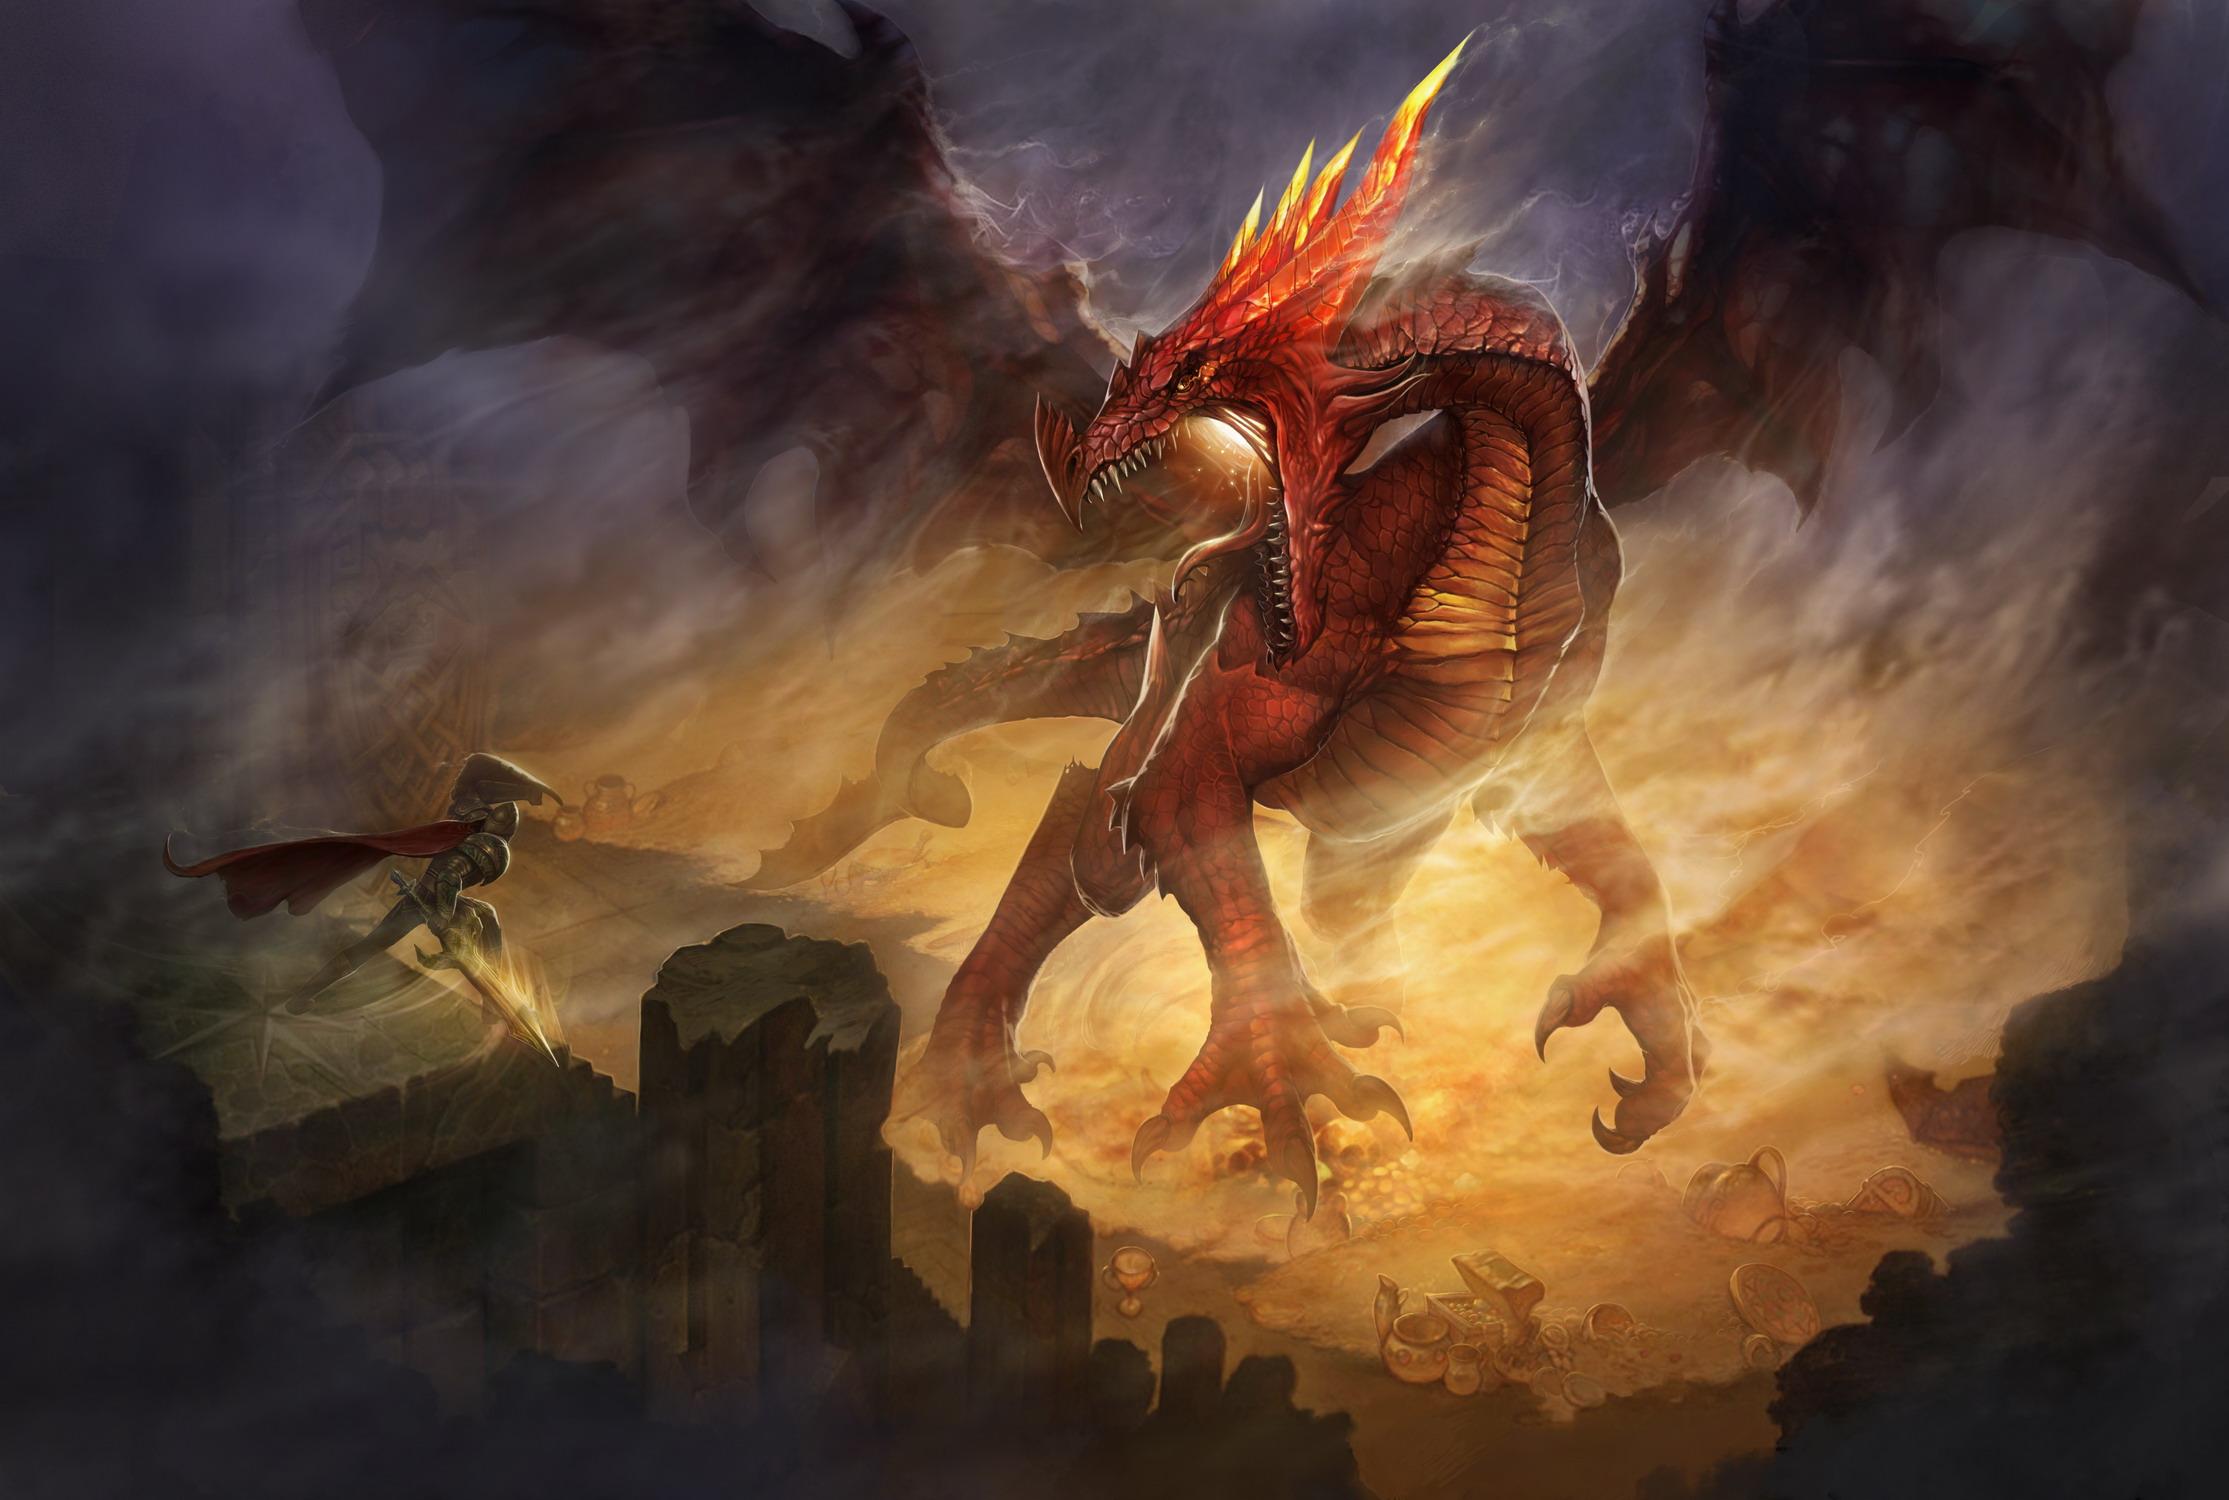 游戏原画 -《神鬼传奇》官方网站 - 完美世界